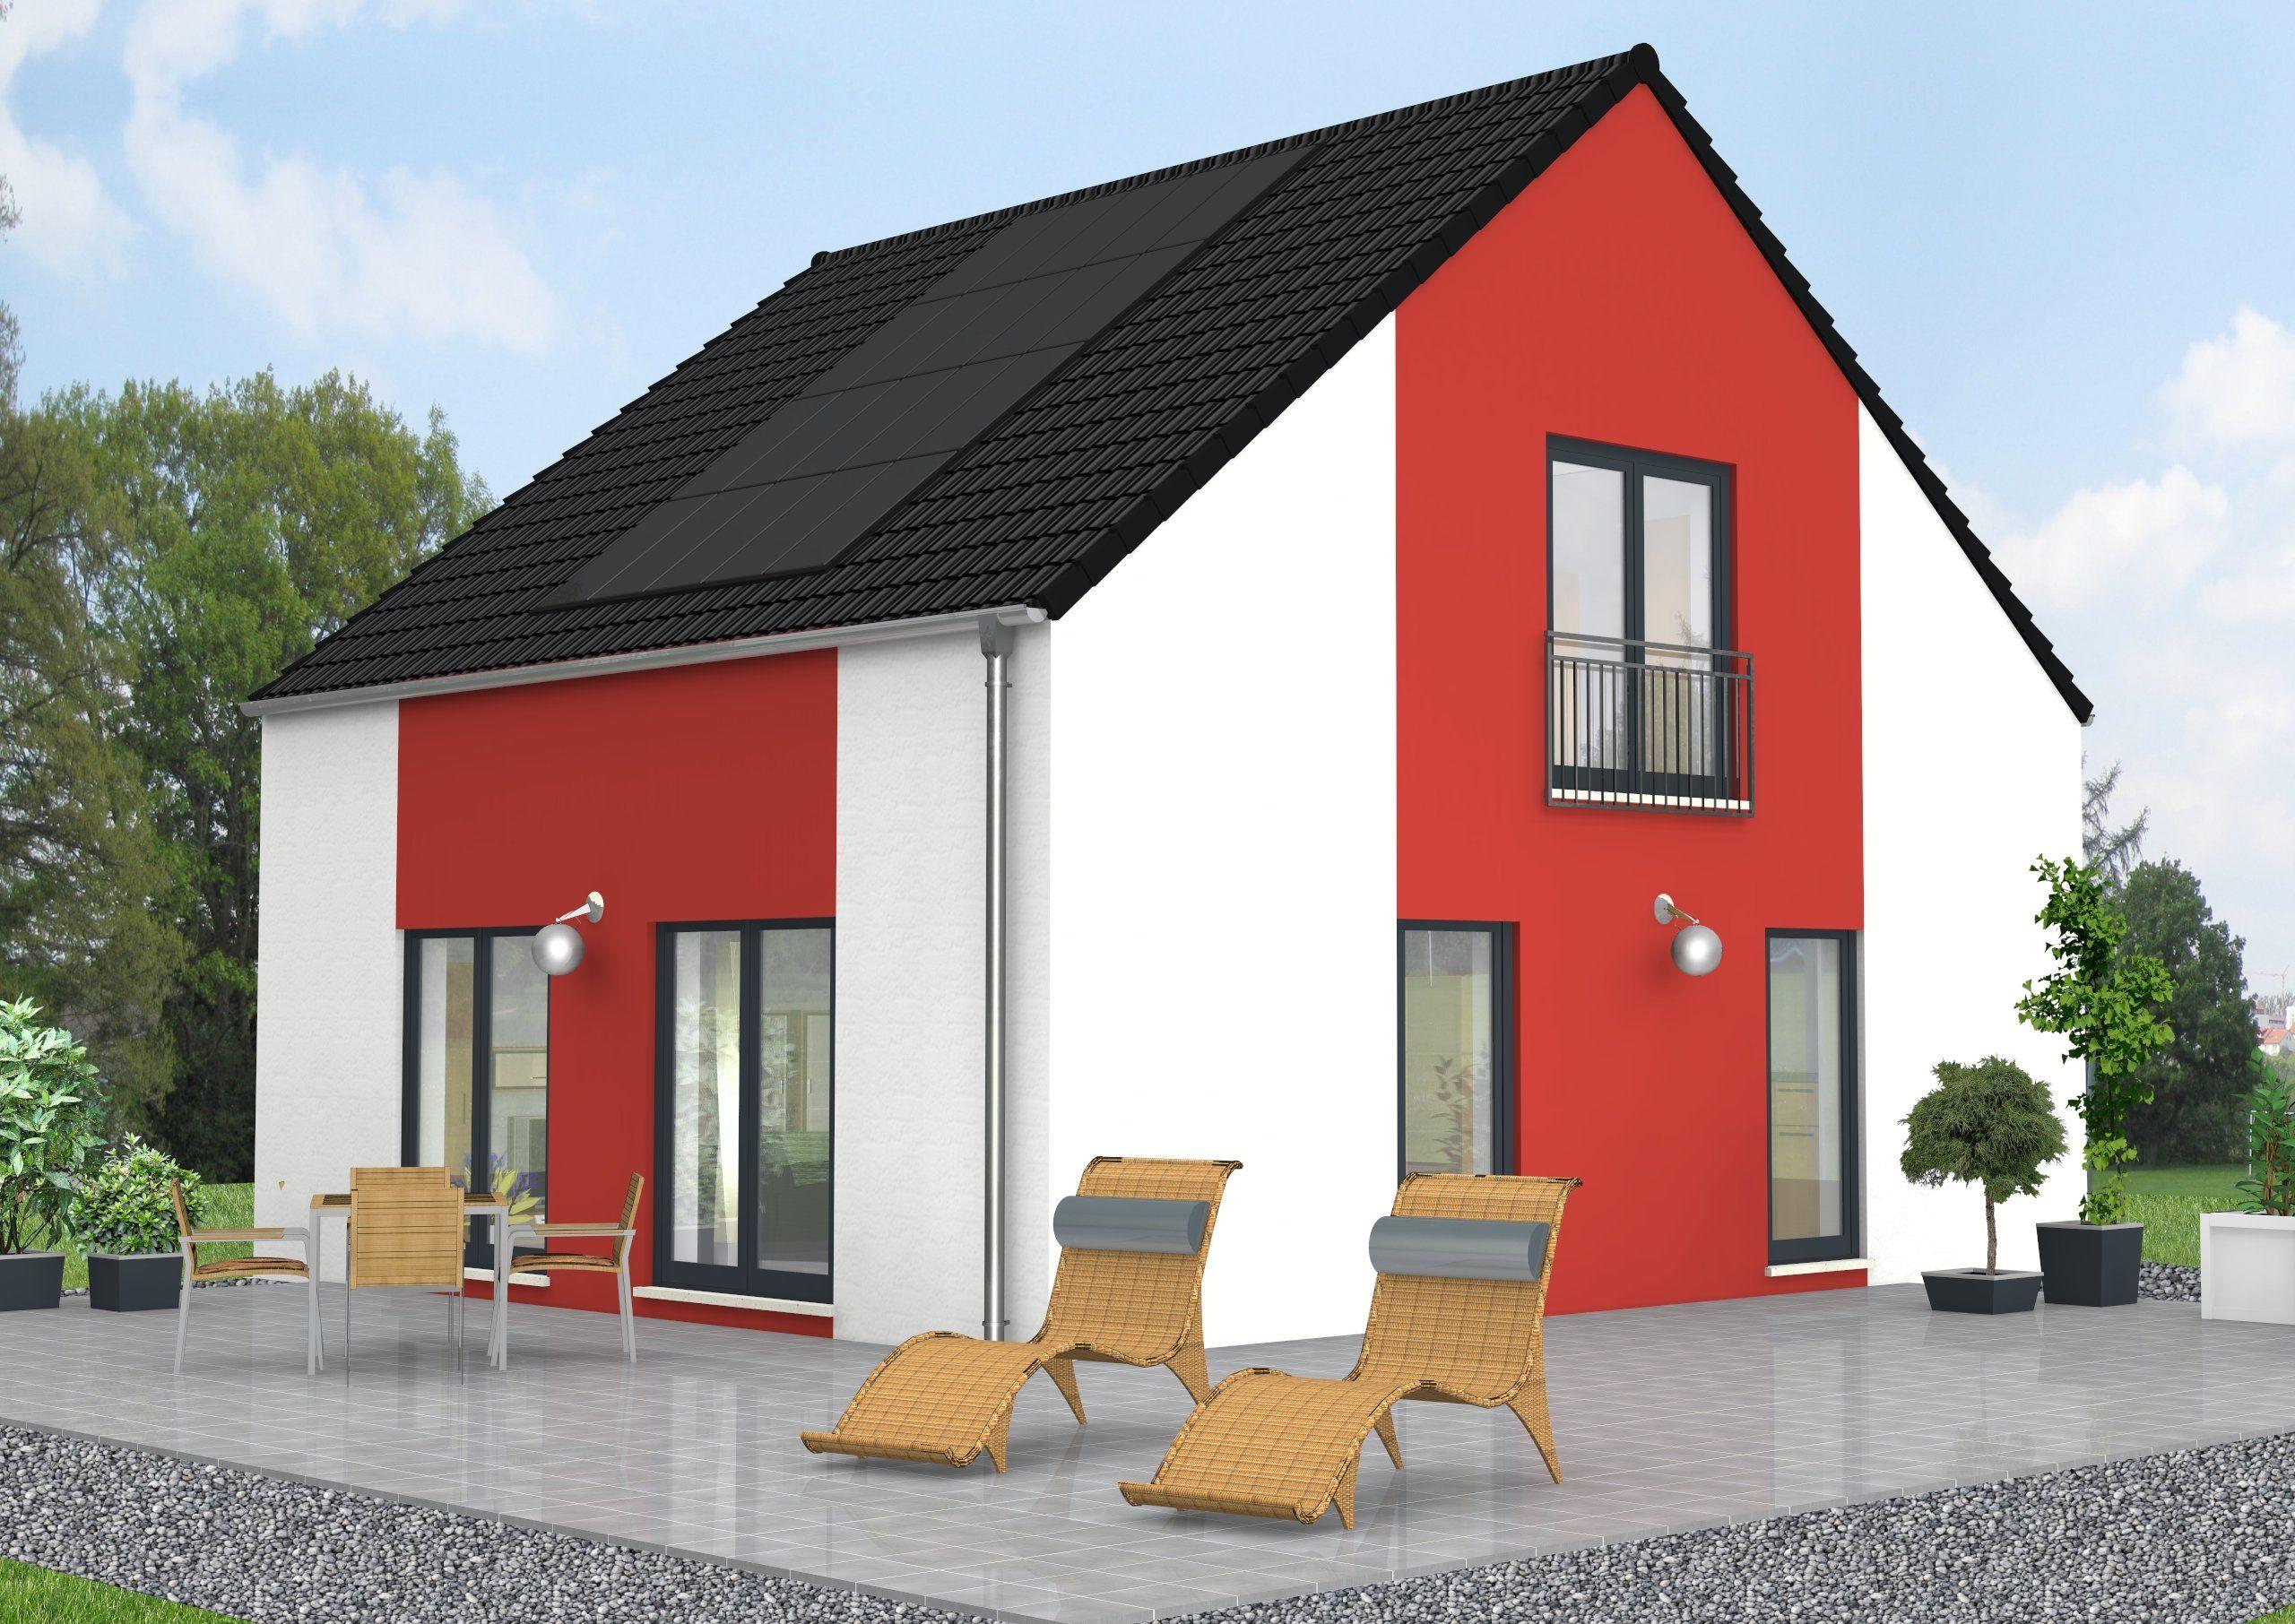 Okologischer Hausbau In Bonndorf Ihr Okologisches Massivhaus Haus Bauen Haus Massivhaus